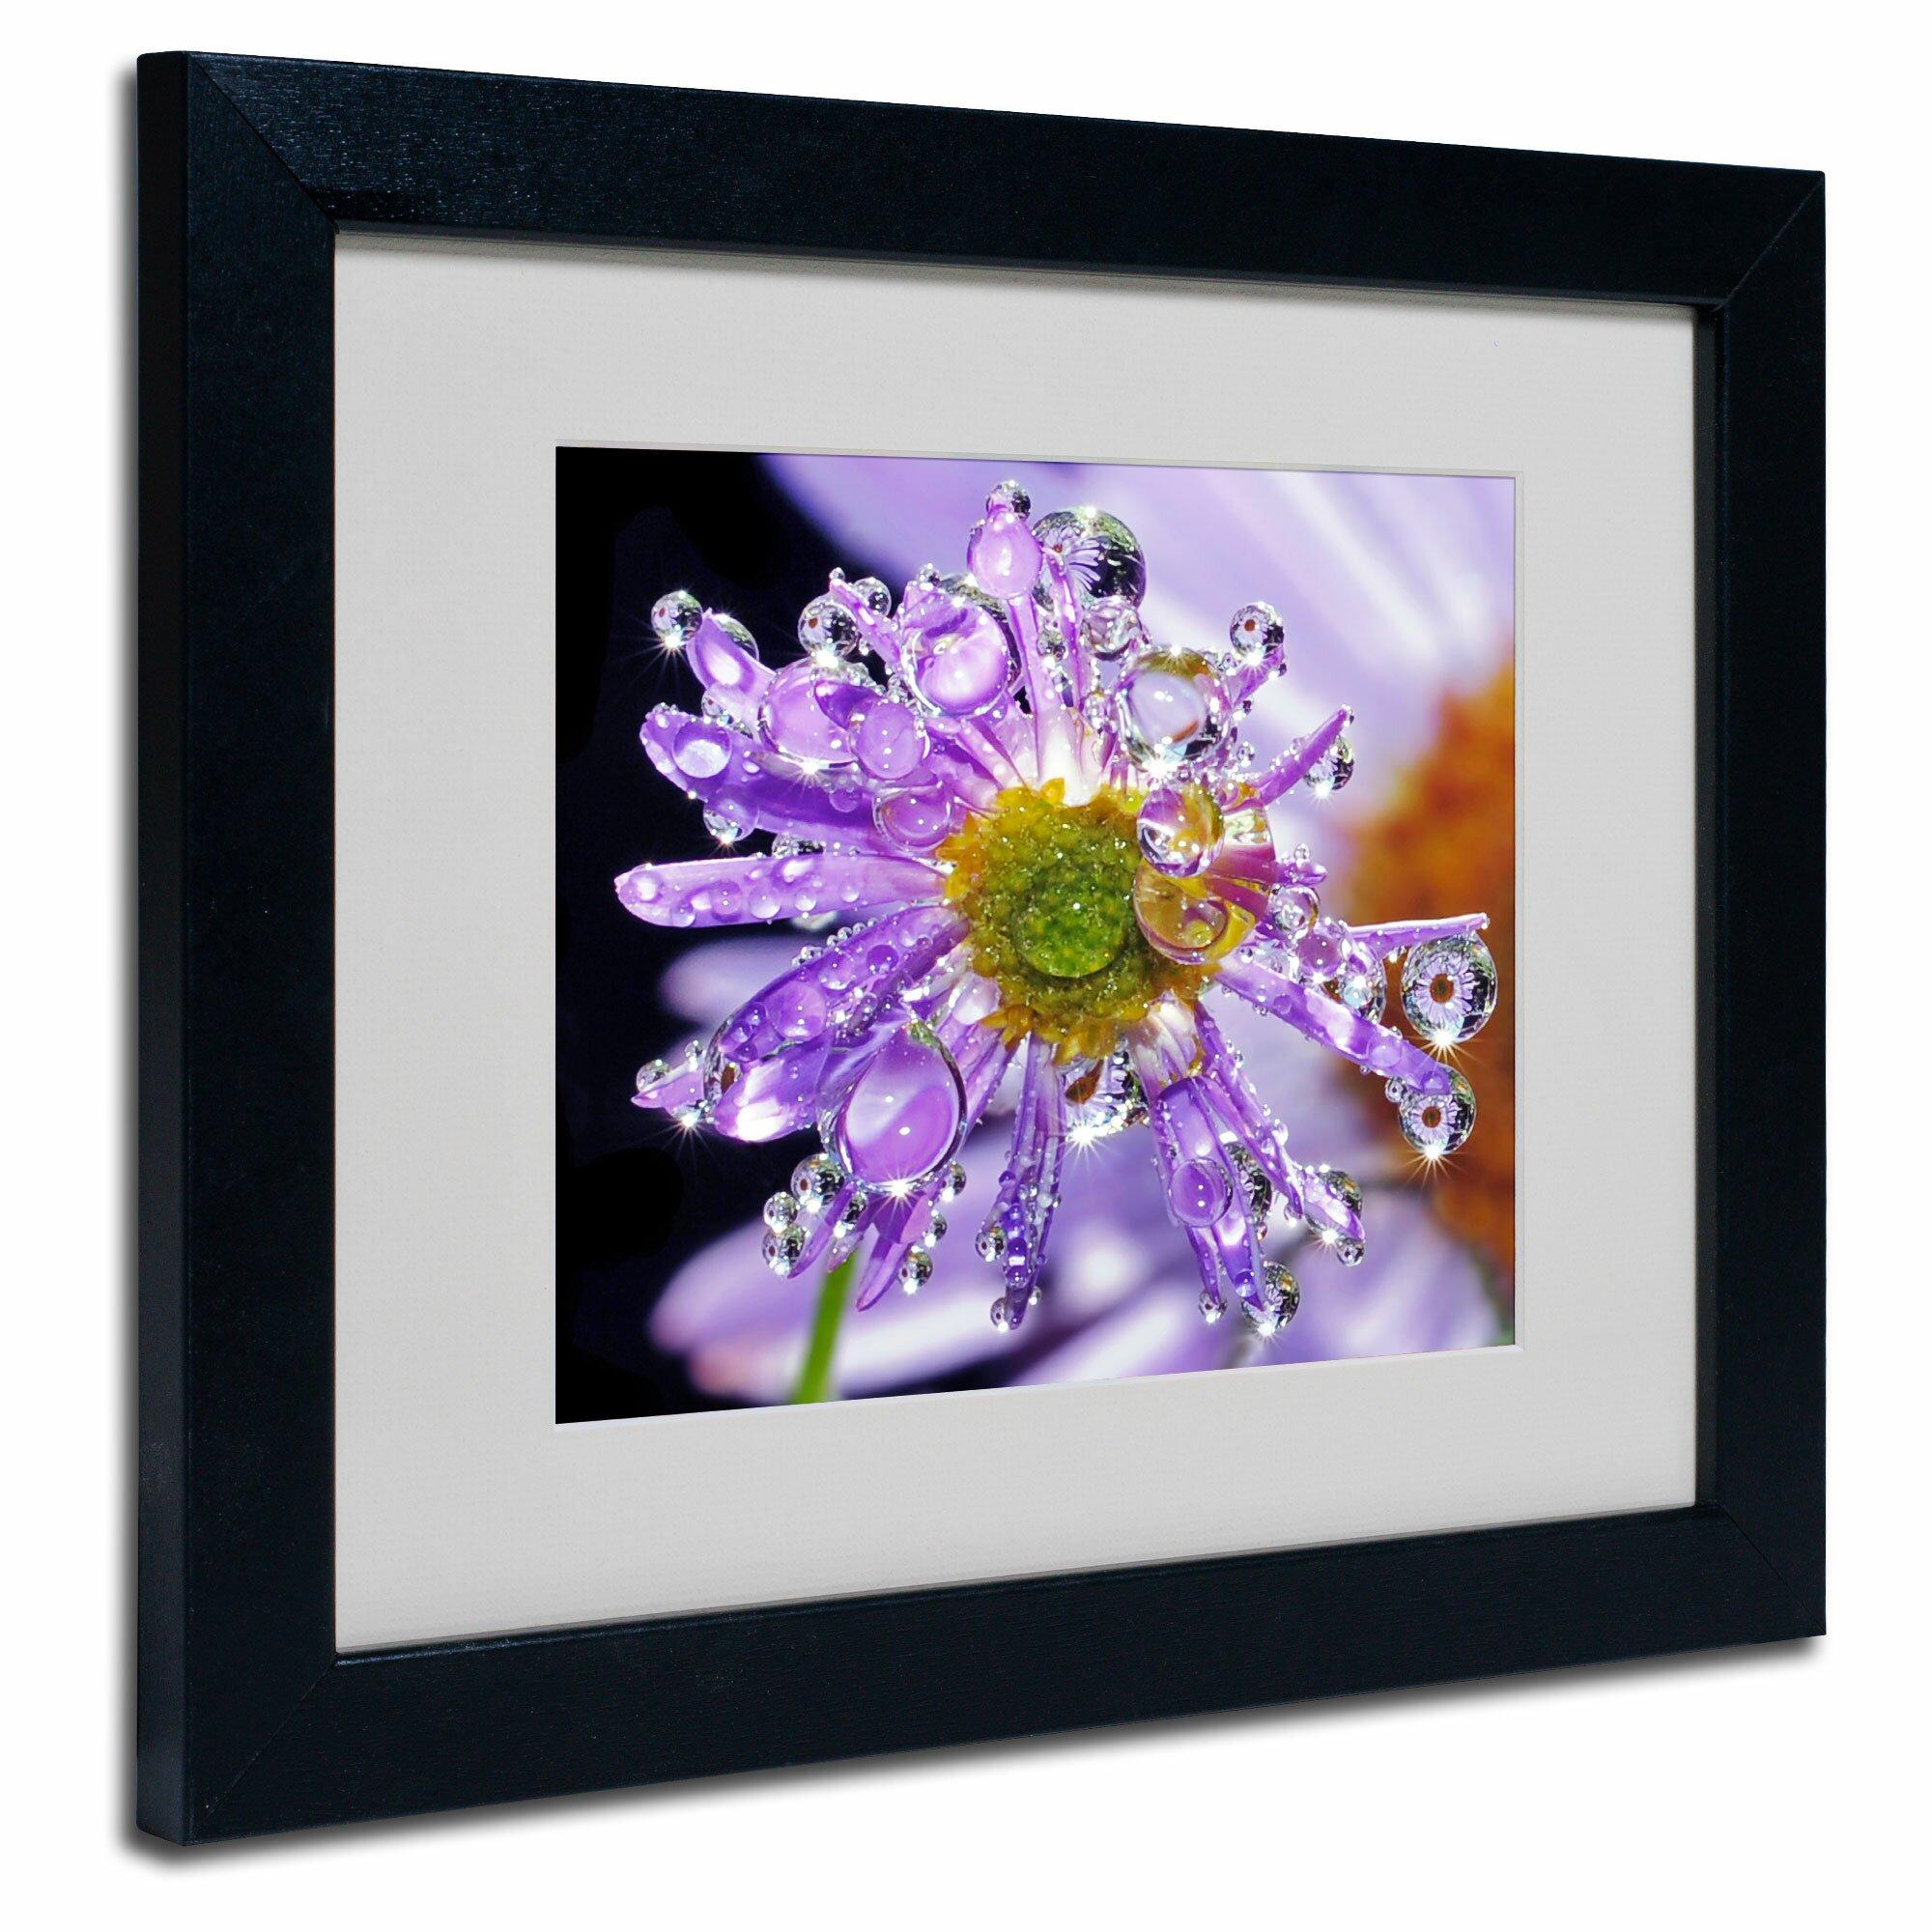 Trademark Art 39 Petal Bling 39 By Steve Wall Framed